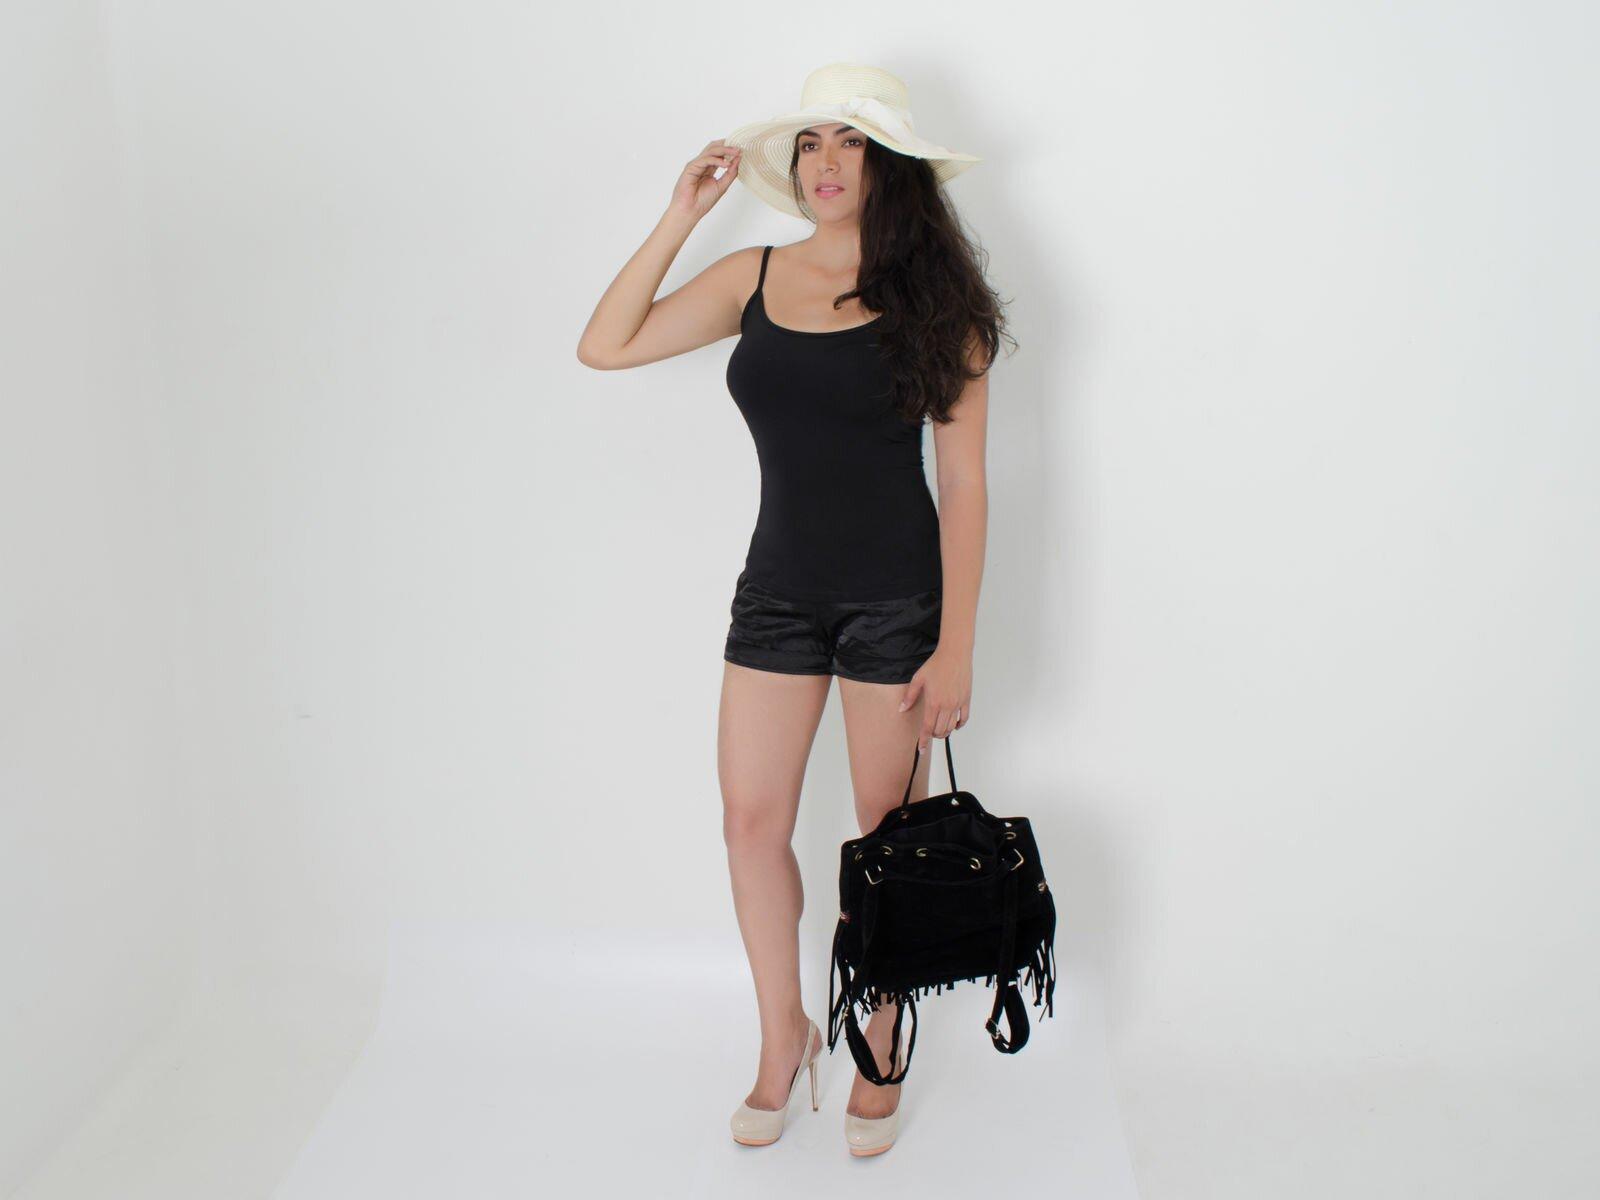 Solarium fruängen sexiga underkläder kvinna